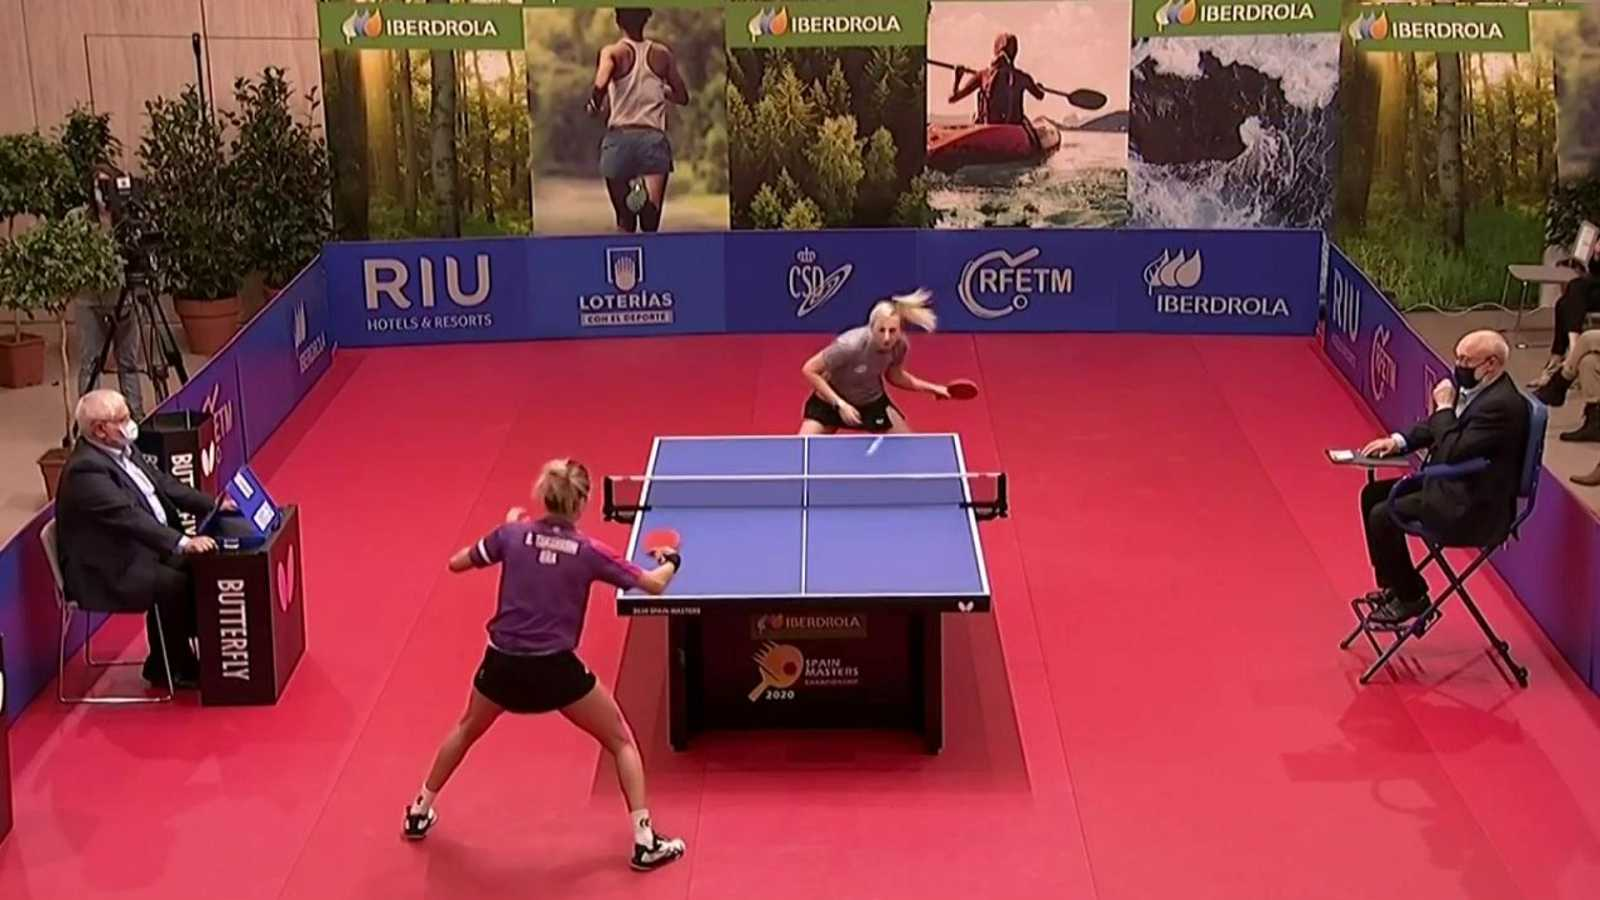 Tenis de mesa - Master internacional masculino y femenino. Finales - ver ahora